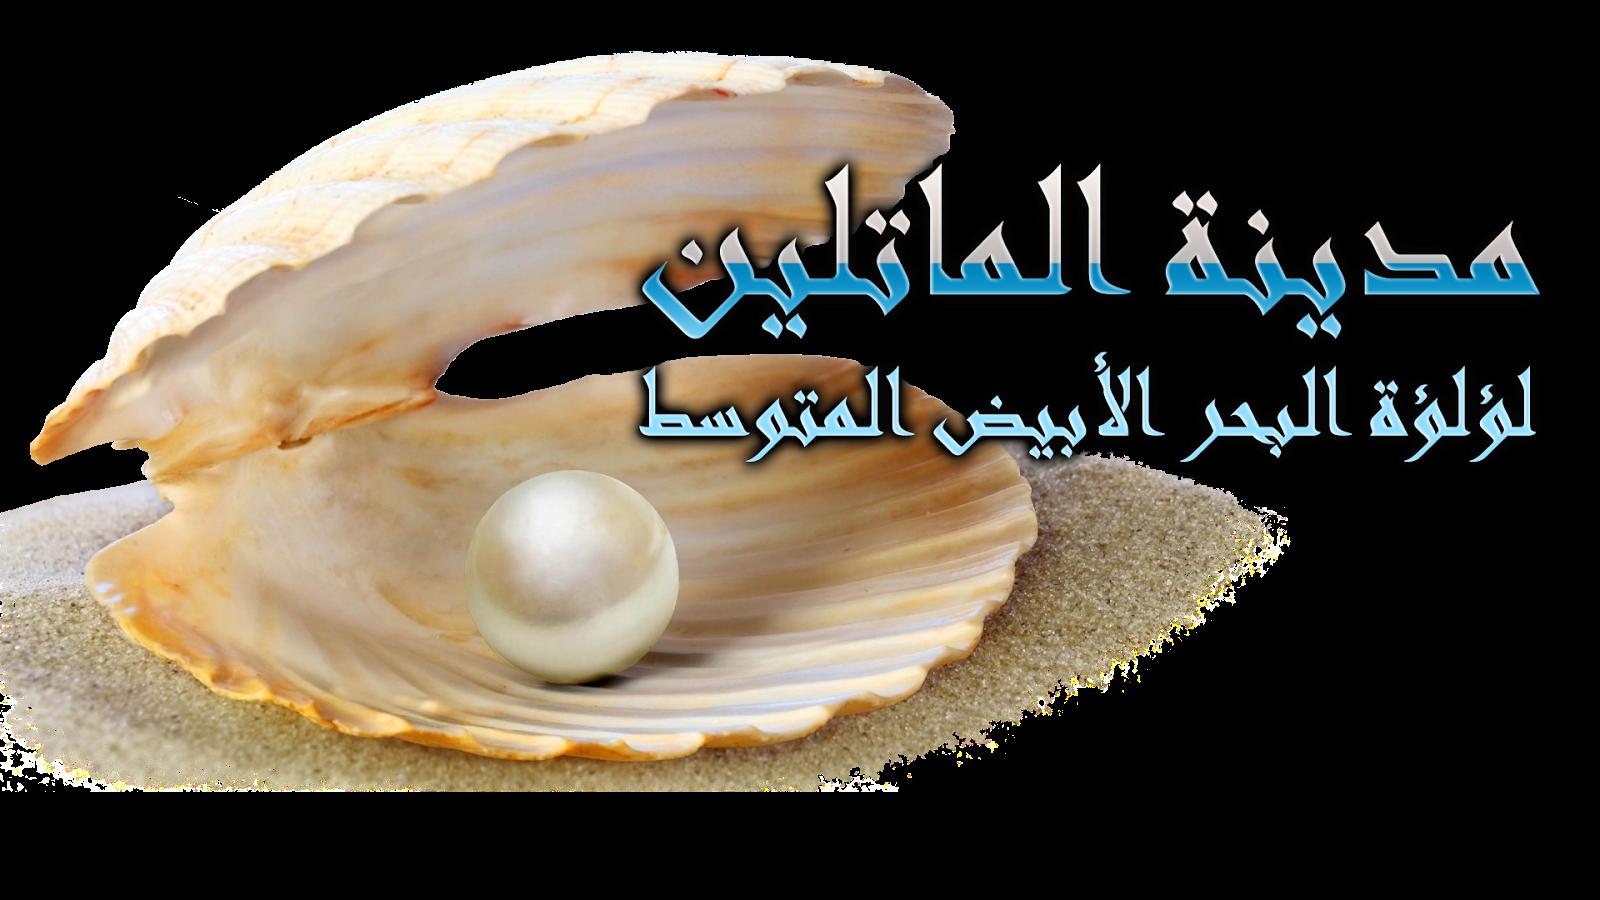 مديــــــــــــنة الماتلين لؤلؤة البحر المتوسط